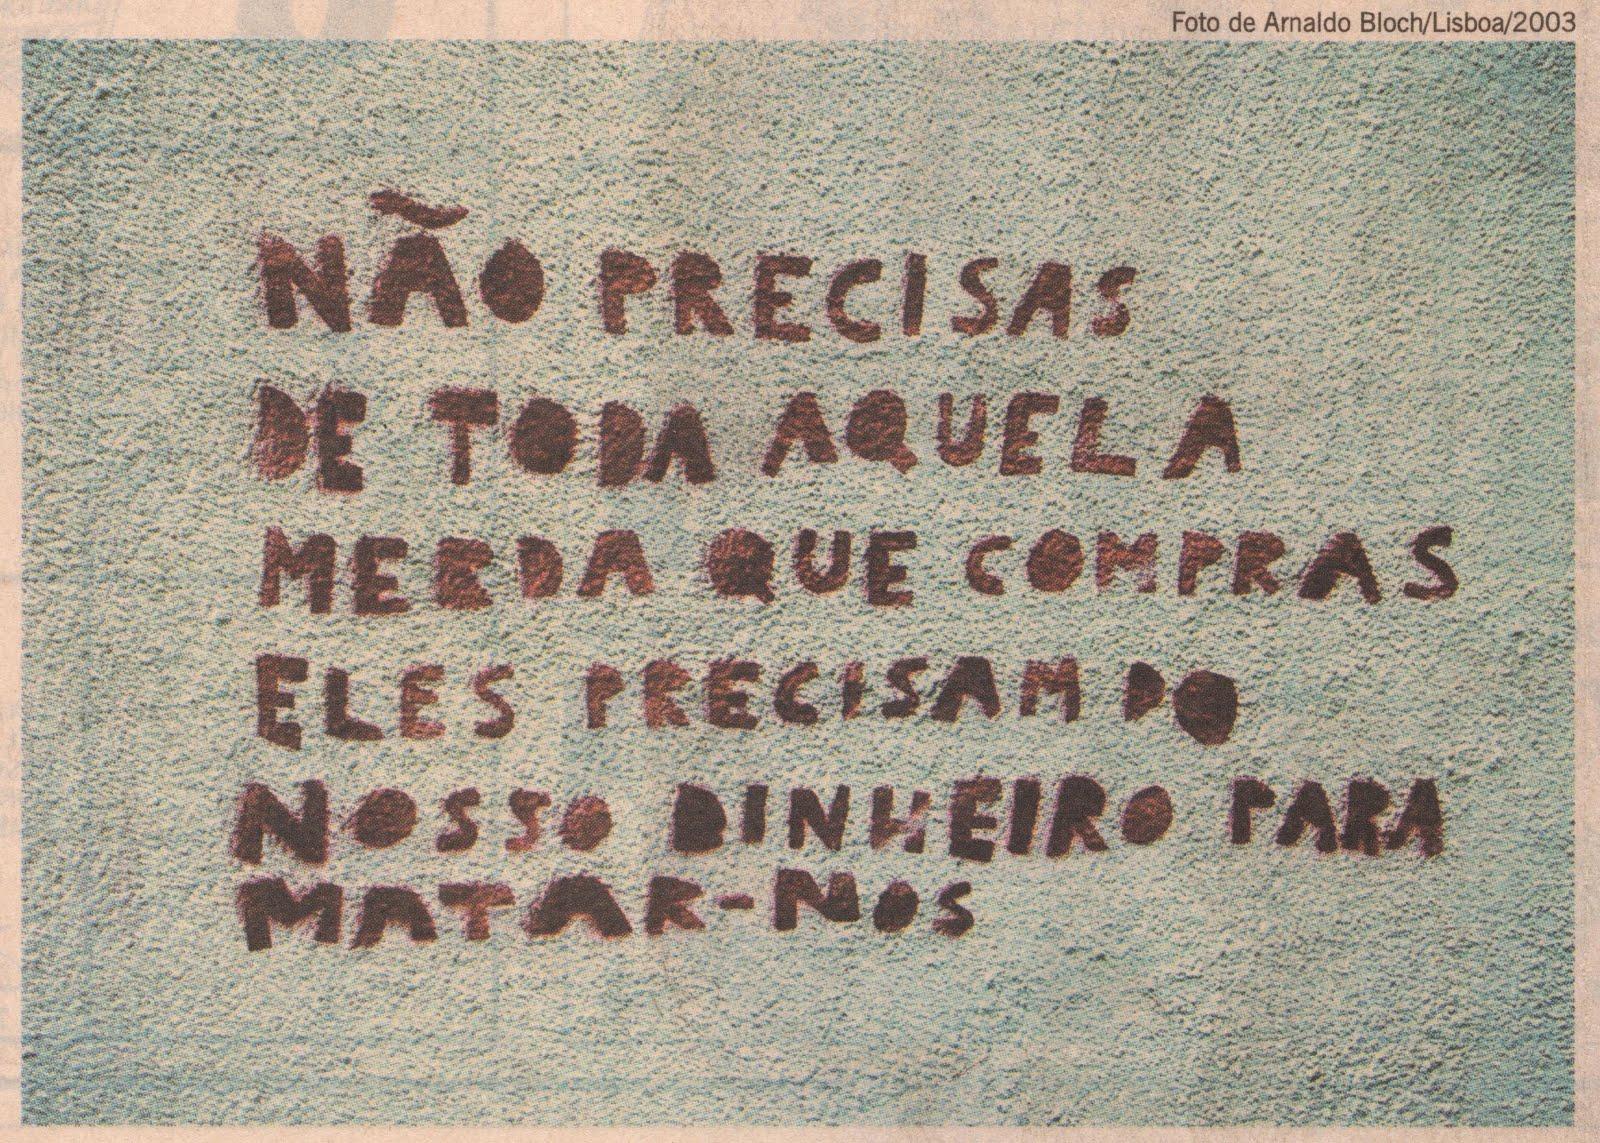 Dizeres fotografados num muro em Lisboa, em 2003